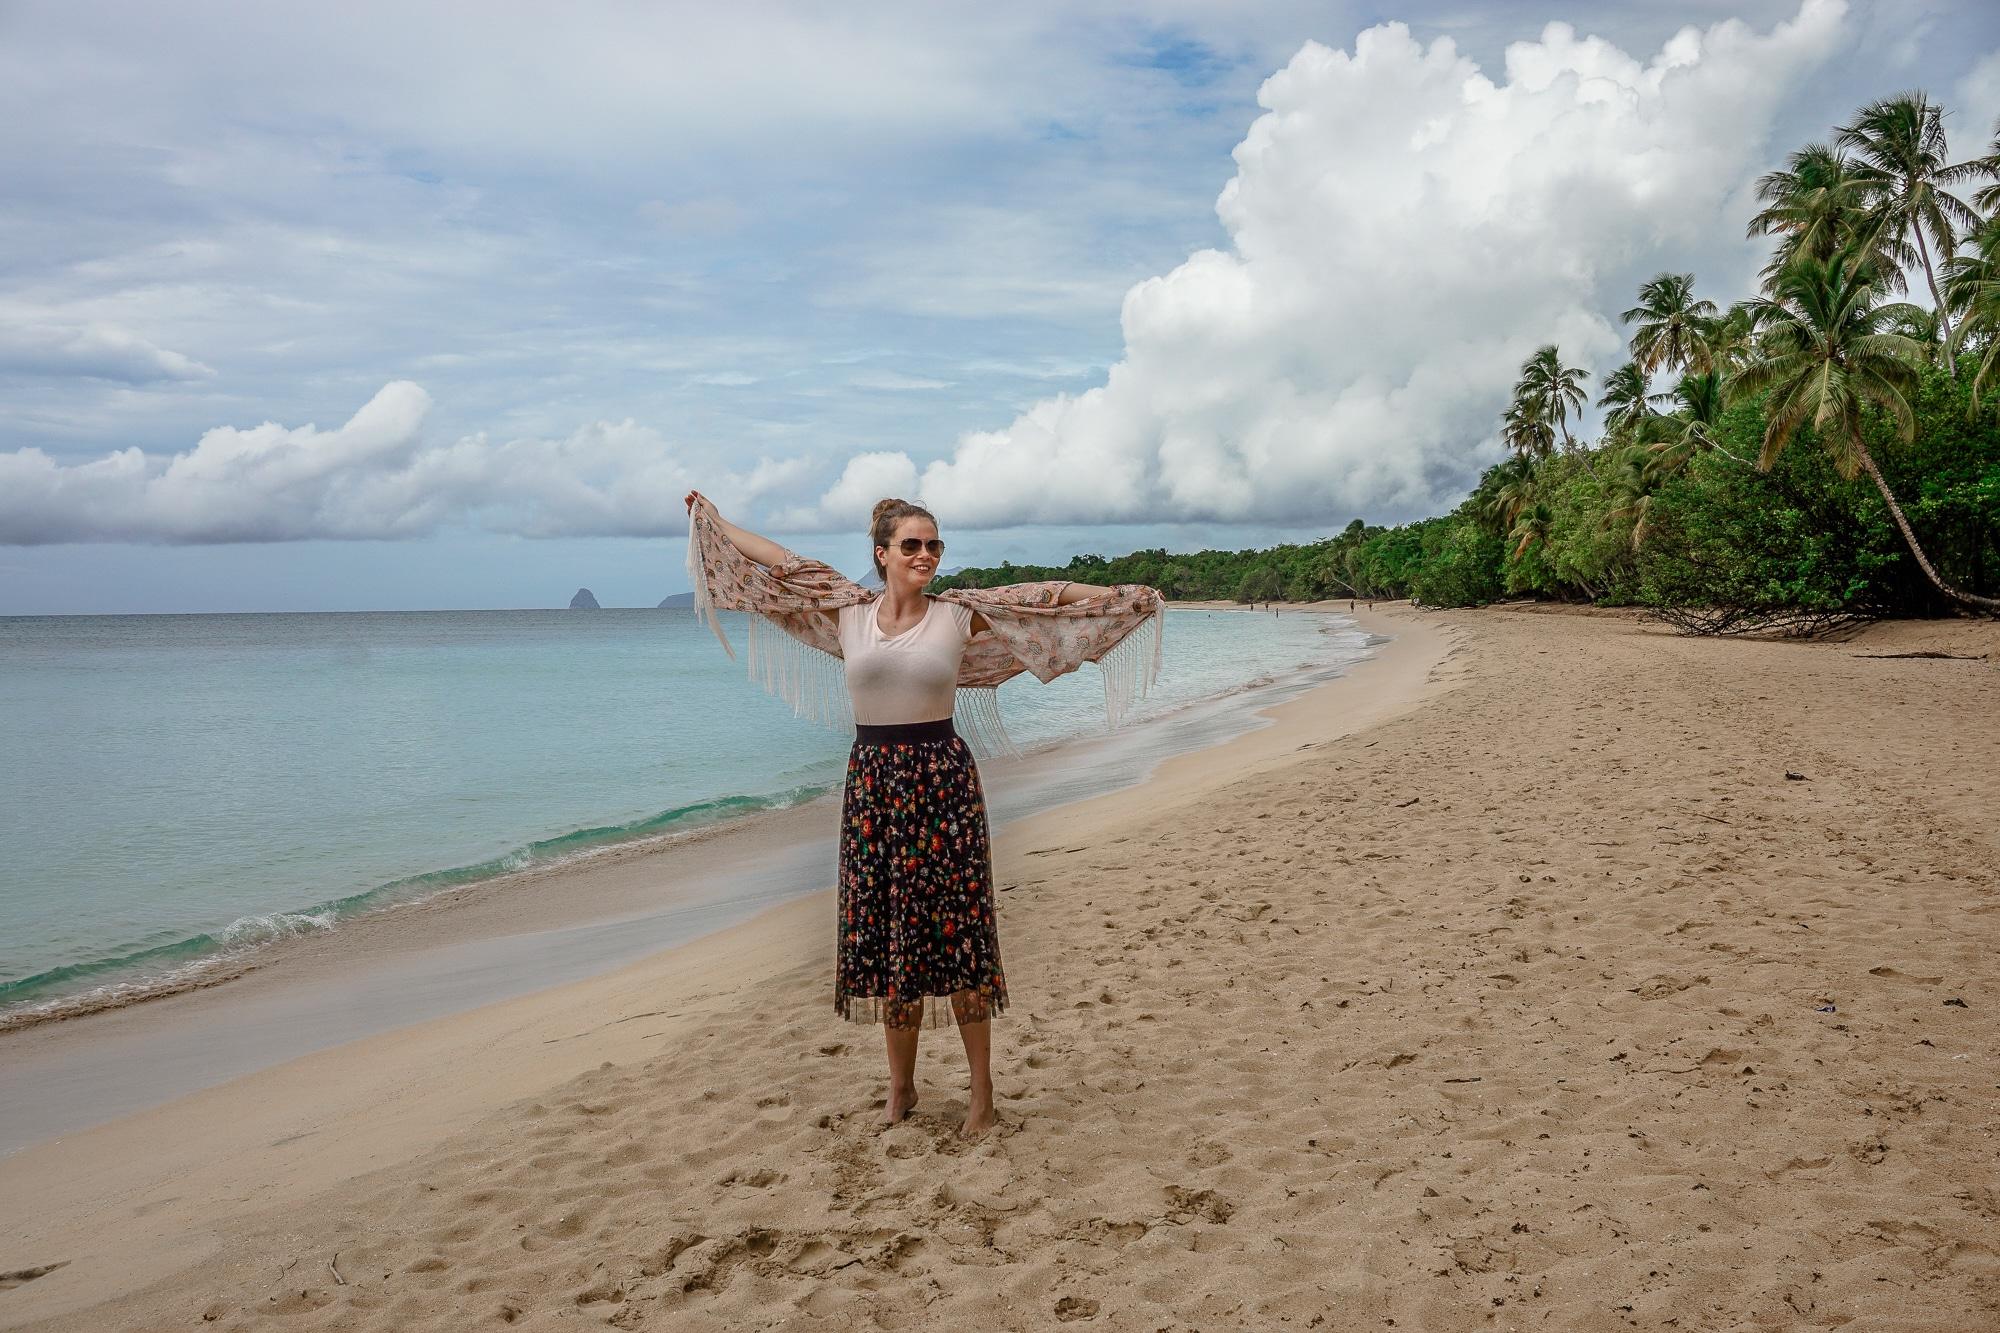 Martinique Sehenswürdigkeiten: Top 10 Ausflüge und Things to do